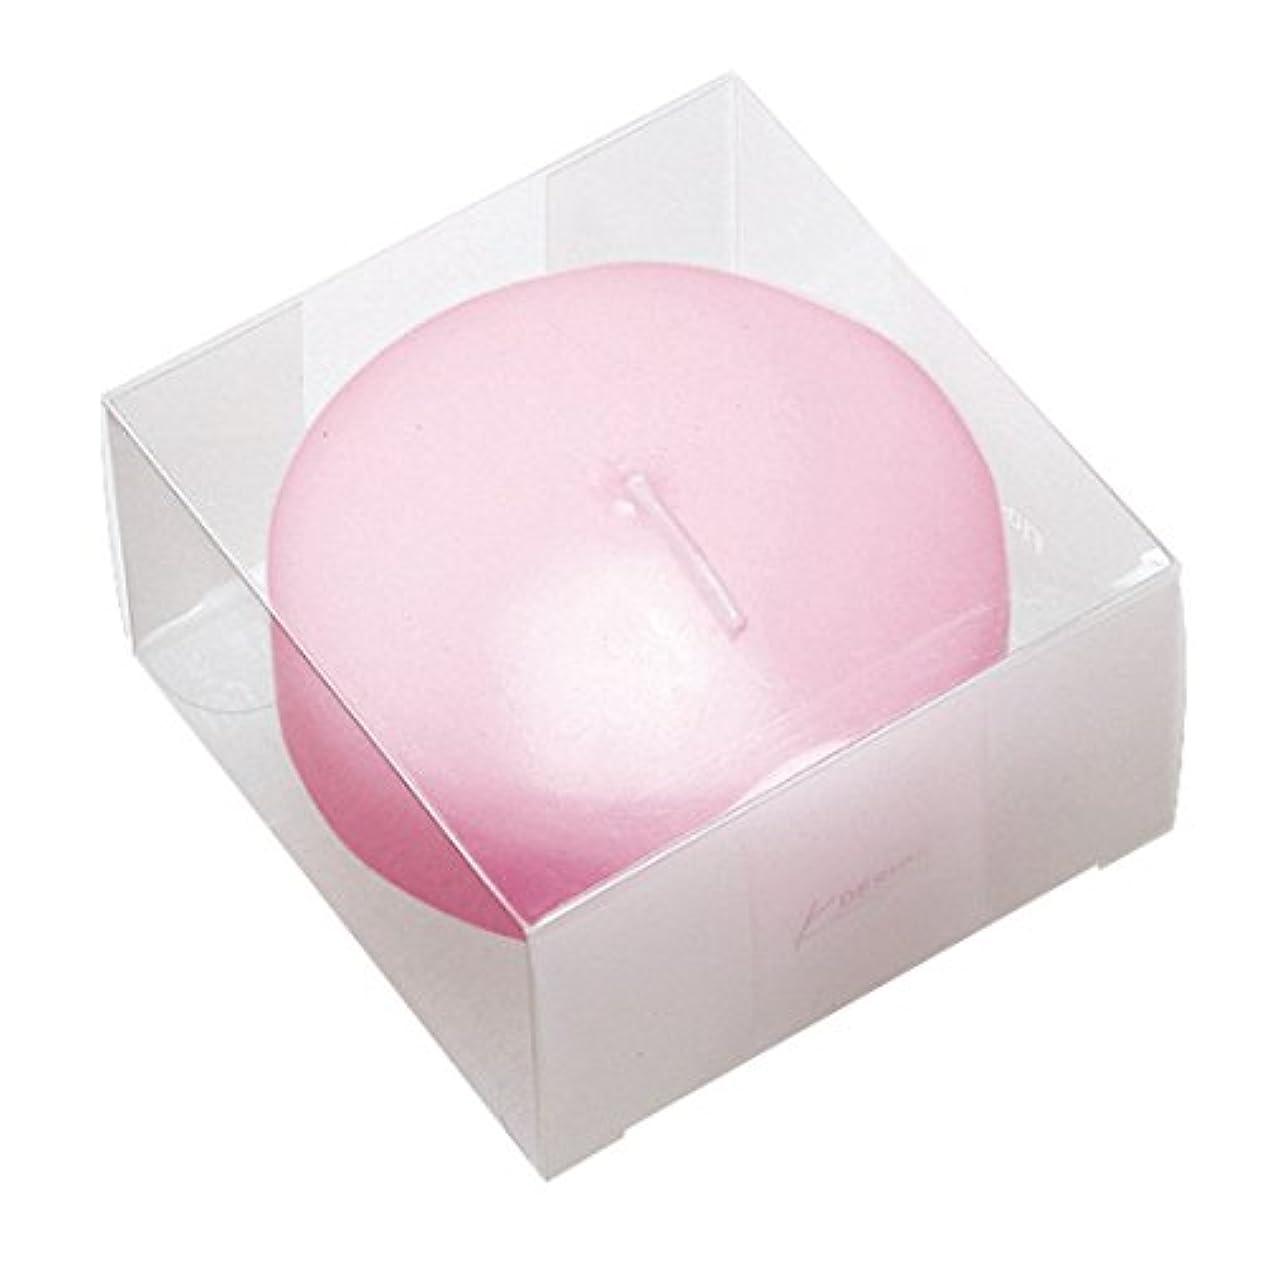 ノーブル櫛専門用語プール80(箱入り) 「 ピンク 」